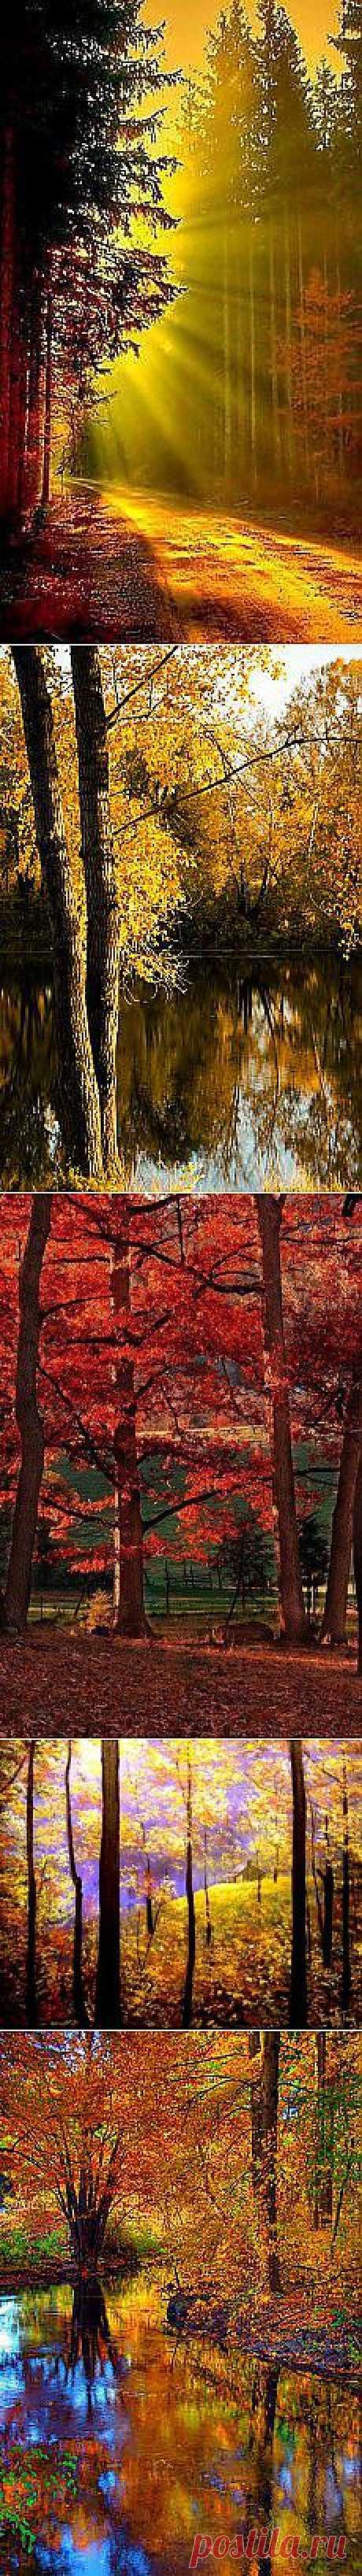 Ольга : осень | Постила.ru